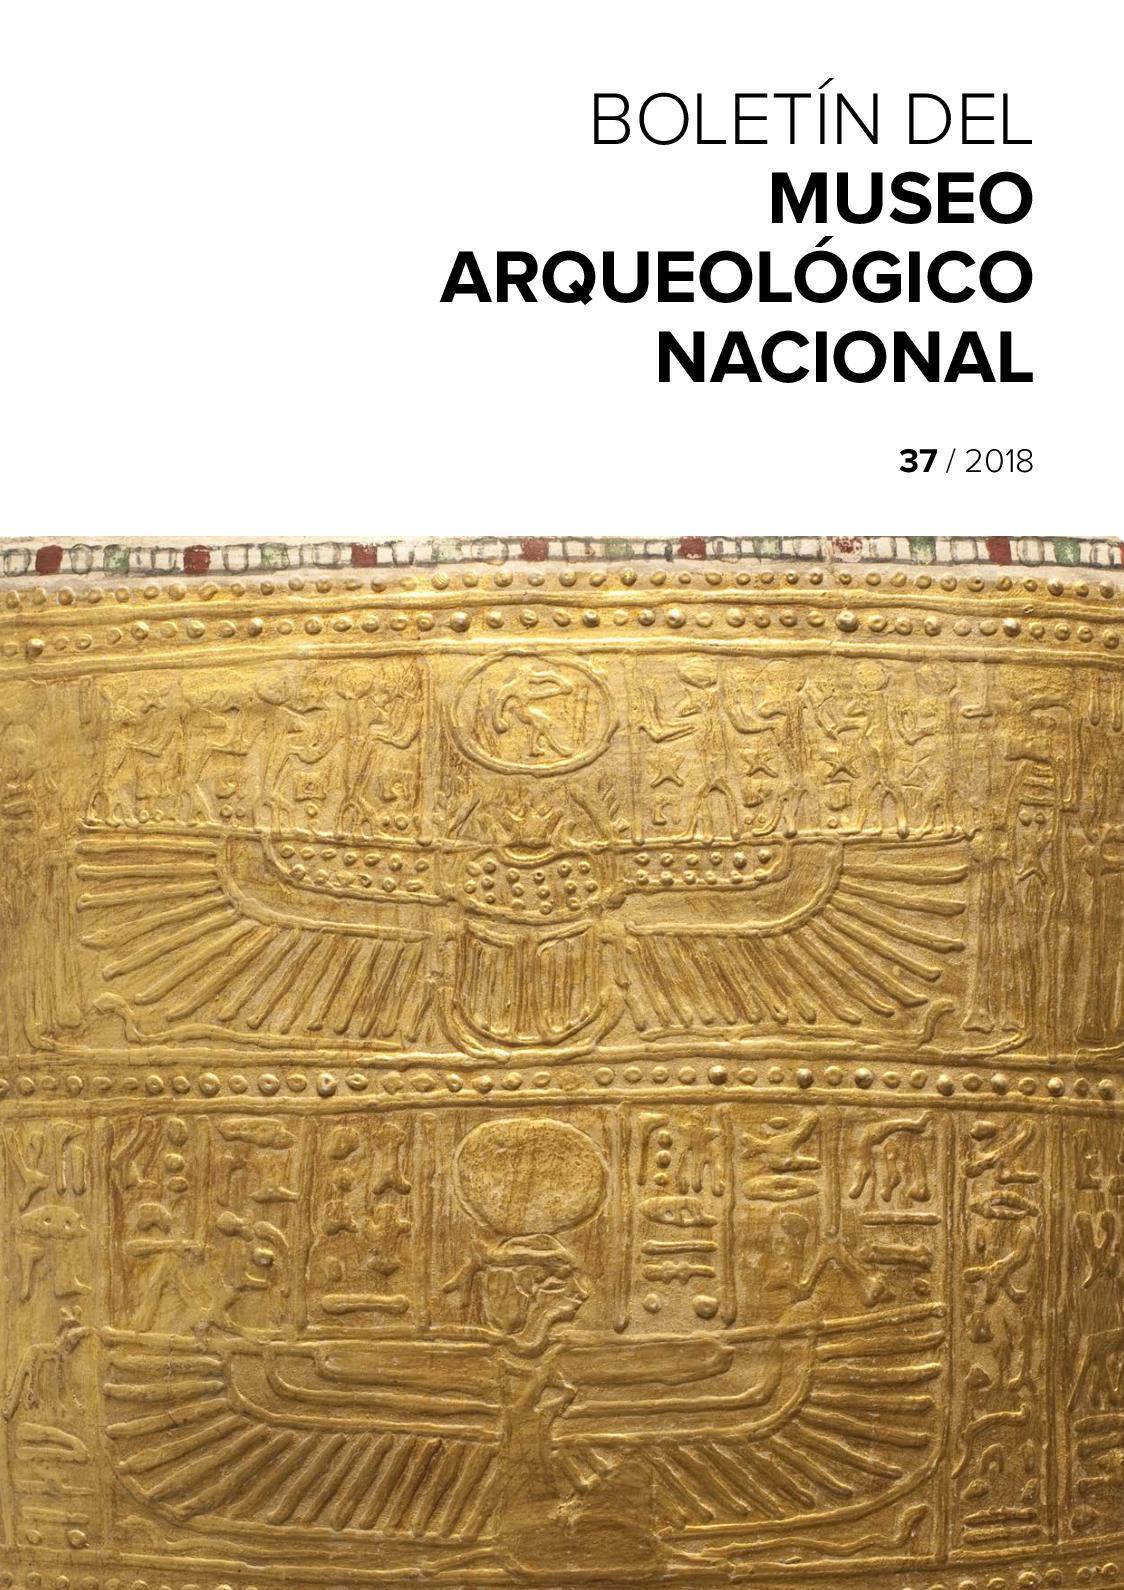 Boletín del Museo Arqueológico Nacional nº 37/2018